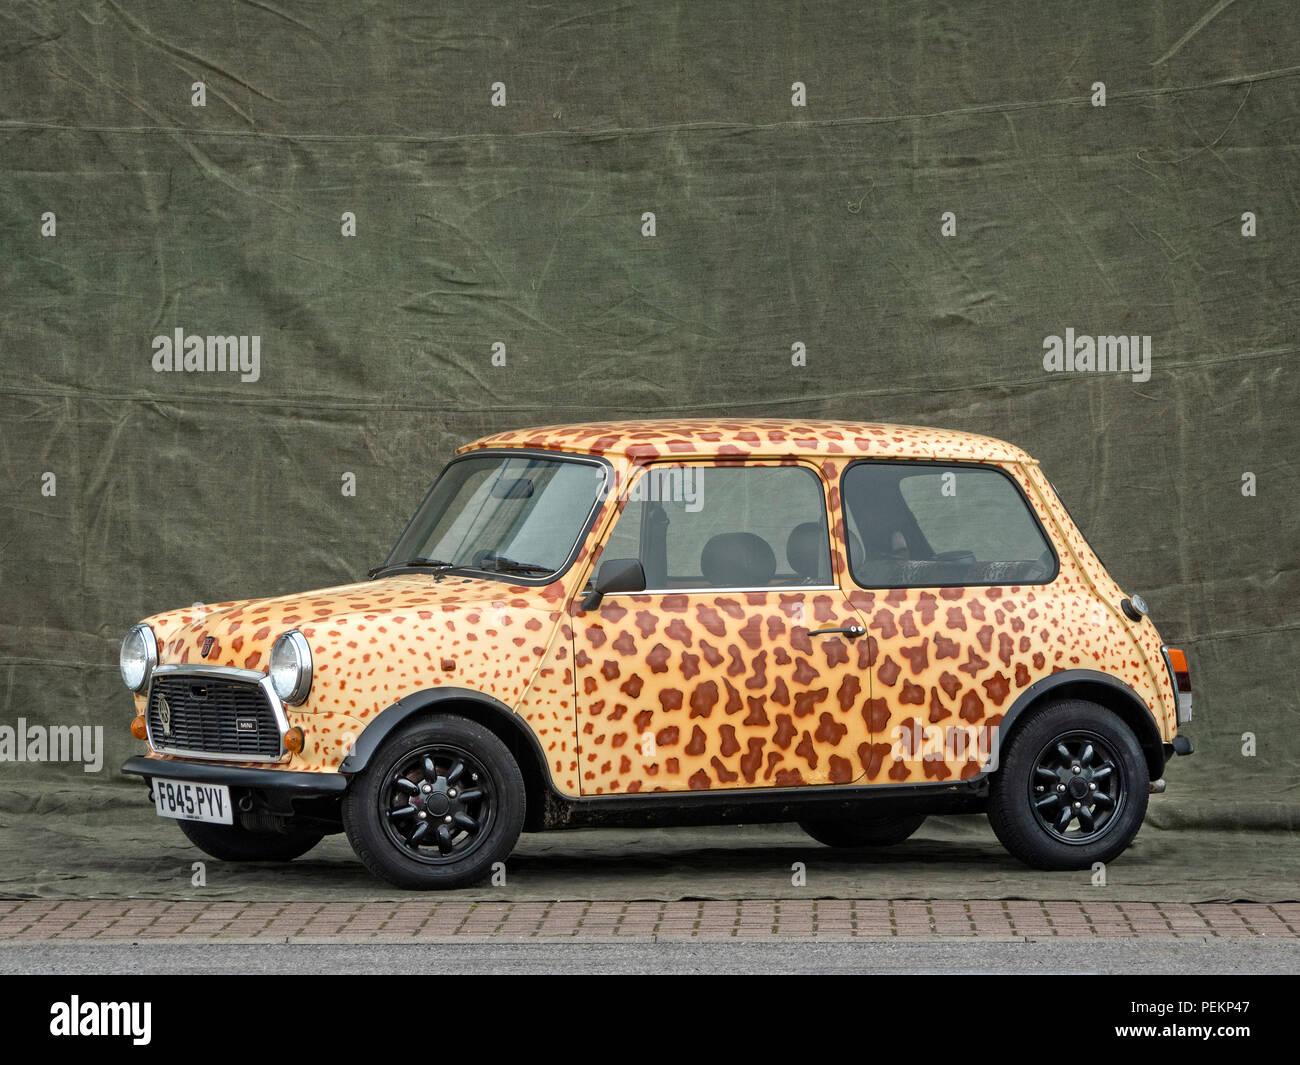 1989 Rover Mini Leopard skin design Photo Stock